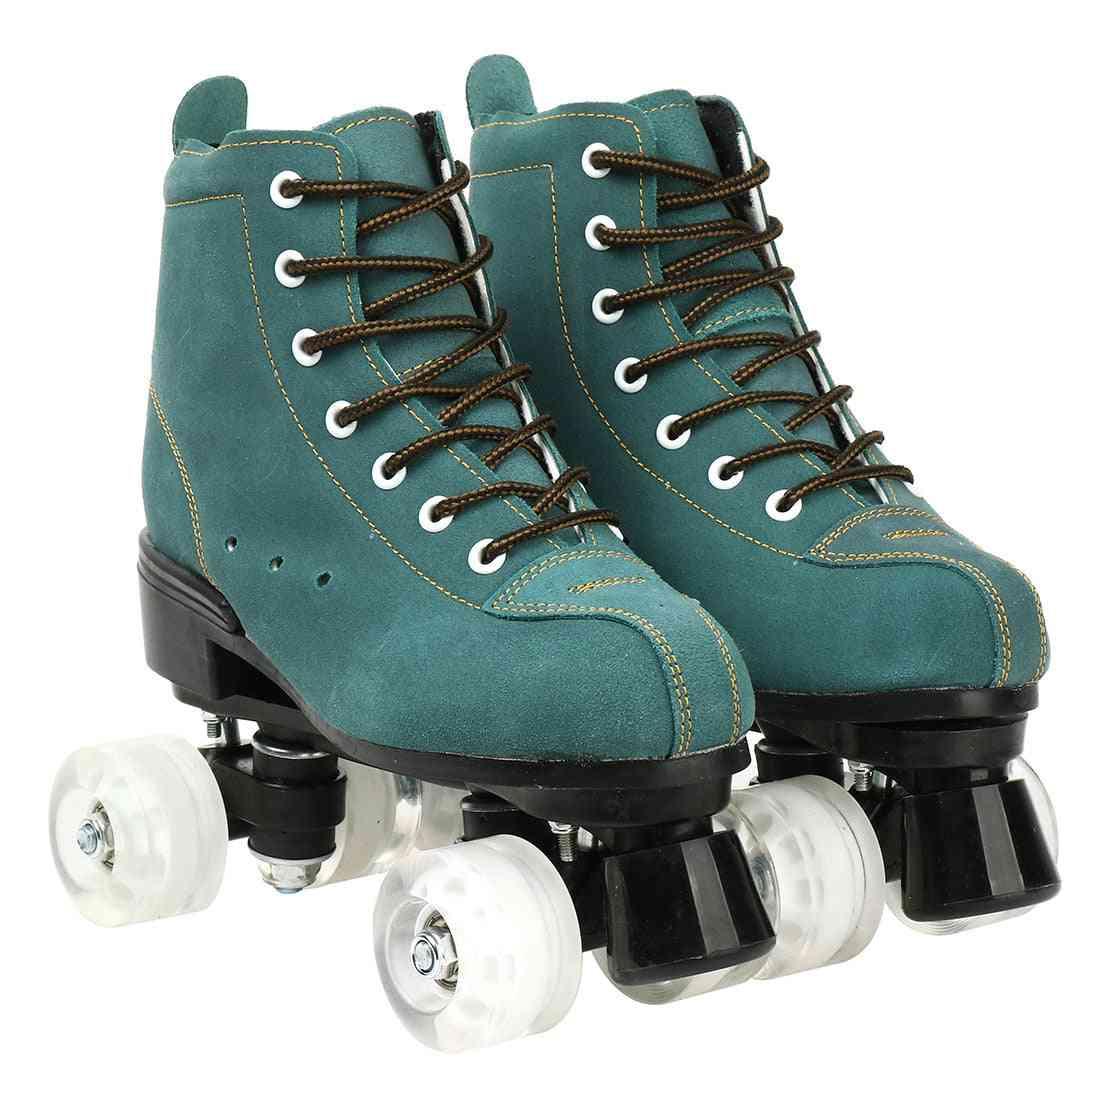 Cowhide Flash Wheels Shoes, Double Line Skates